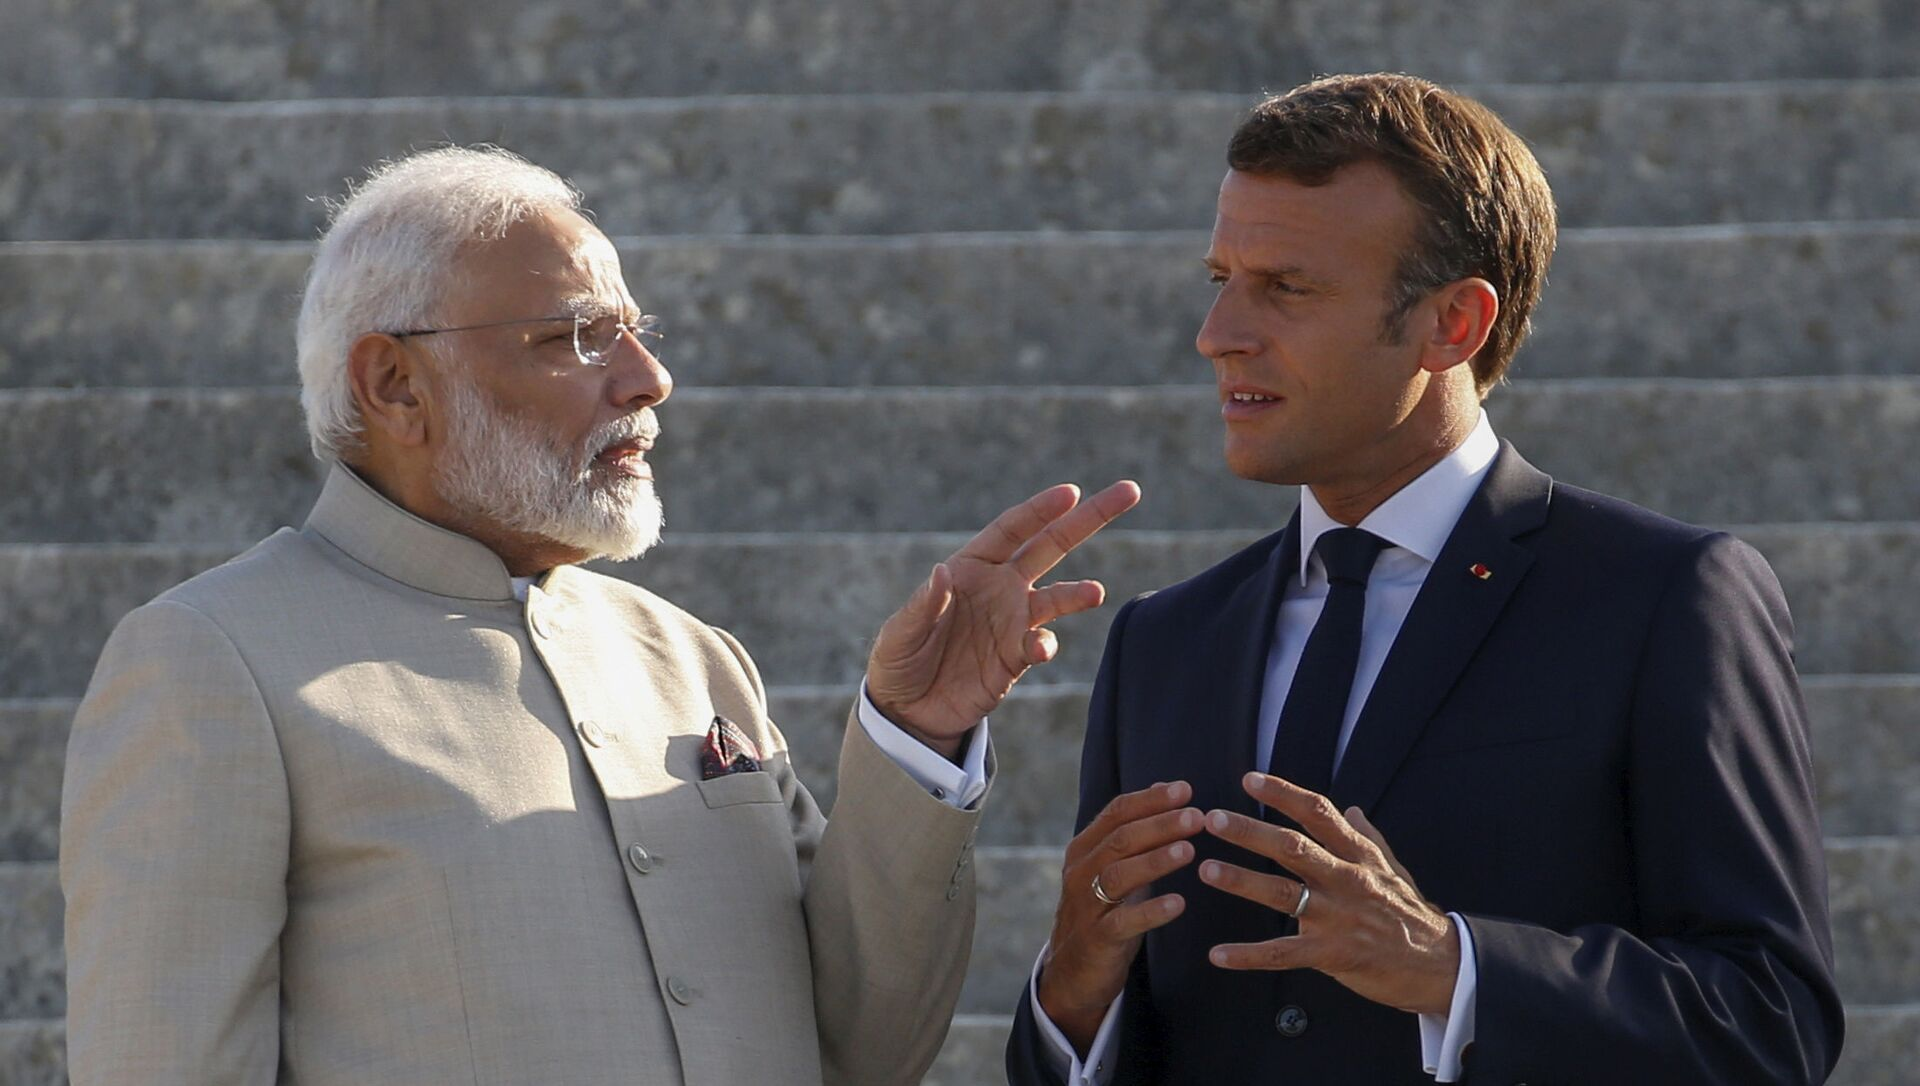 Thủ tướng Ấn Độ Narendra Modi và Tổng thống Pháp Emmanuel Macron  - Sputnik Việt Nam, 1920, 21.09.2021